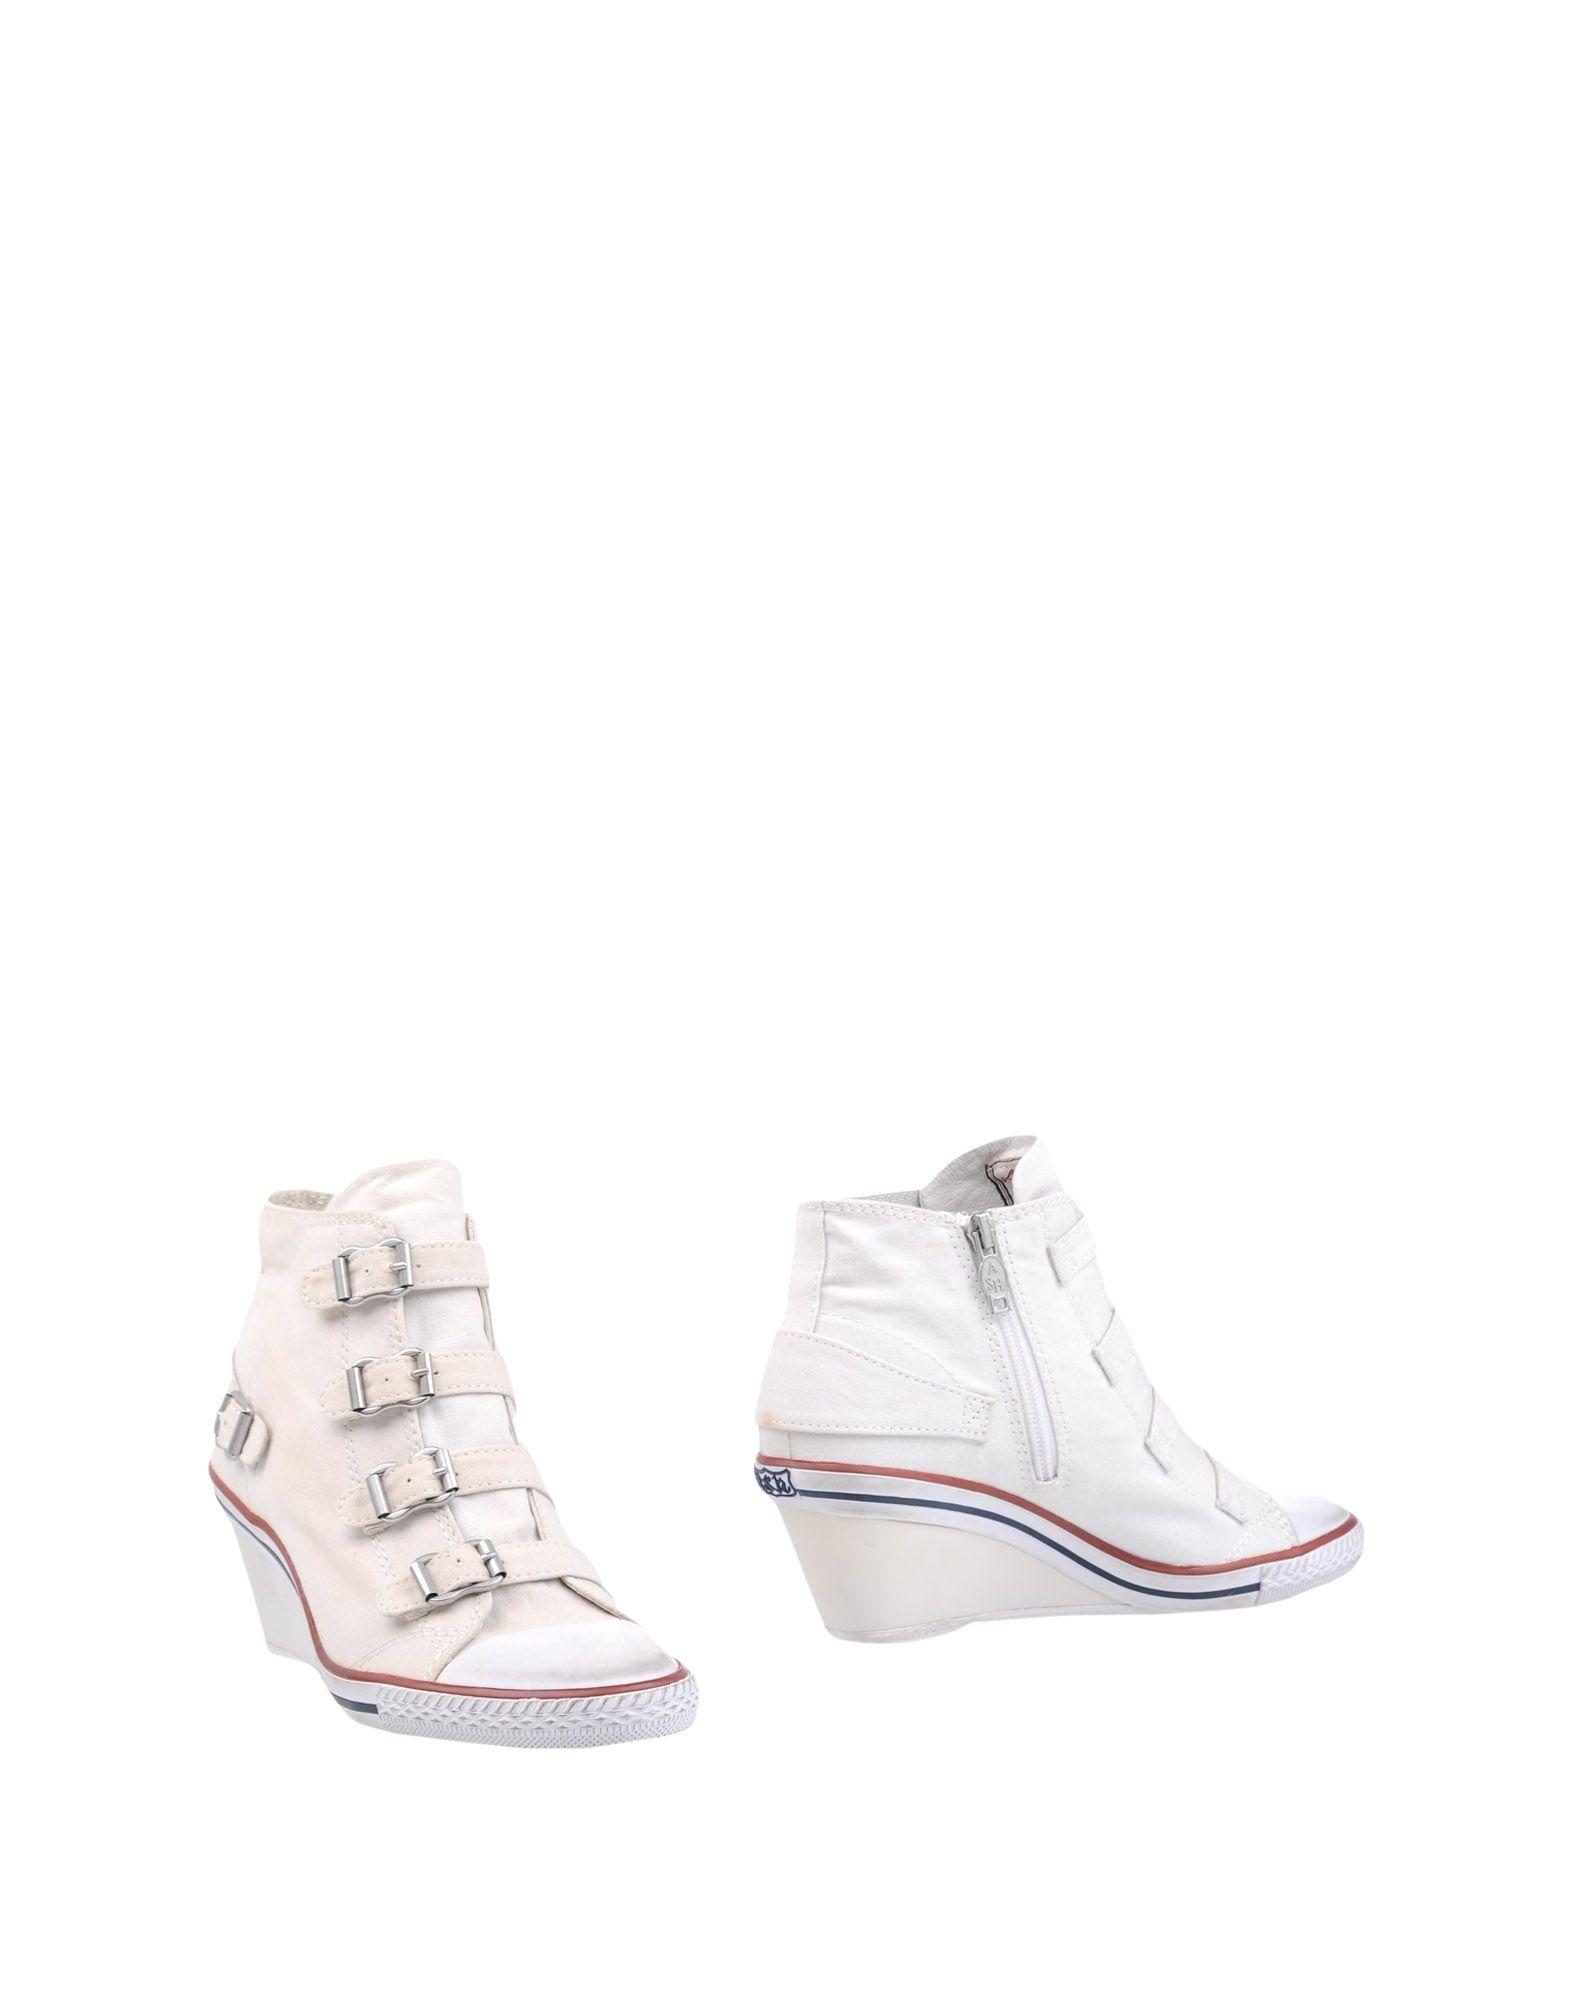 Ash Stiefelette Damen  11365501TB Gute Qualität beliebte Schuhe